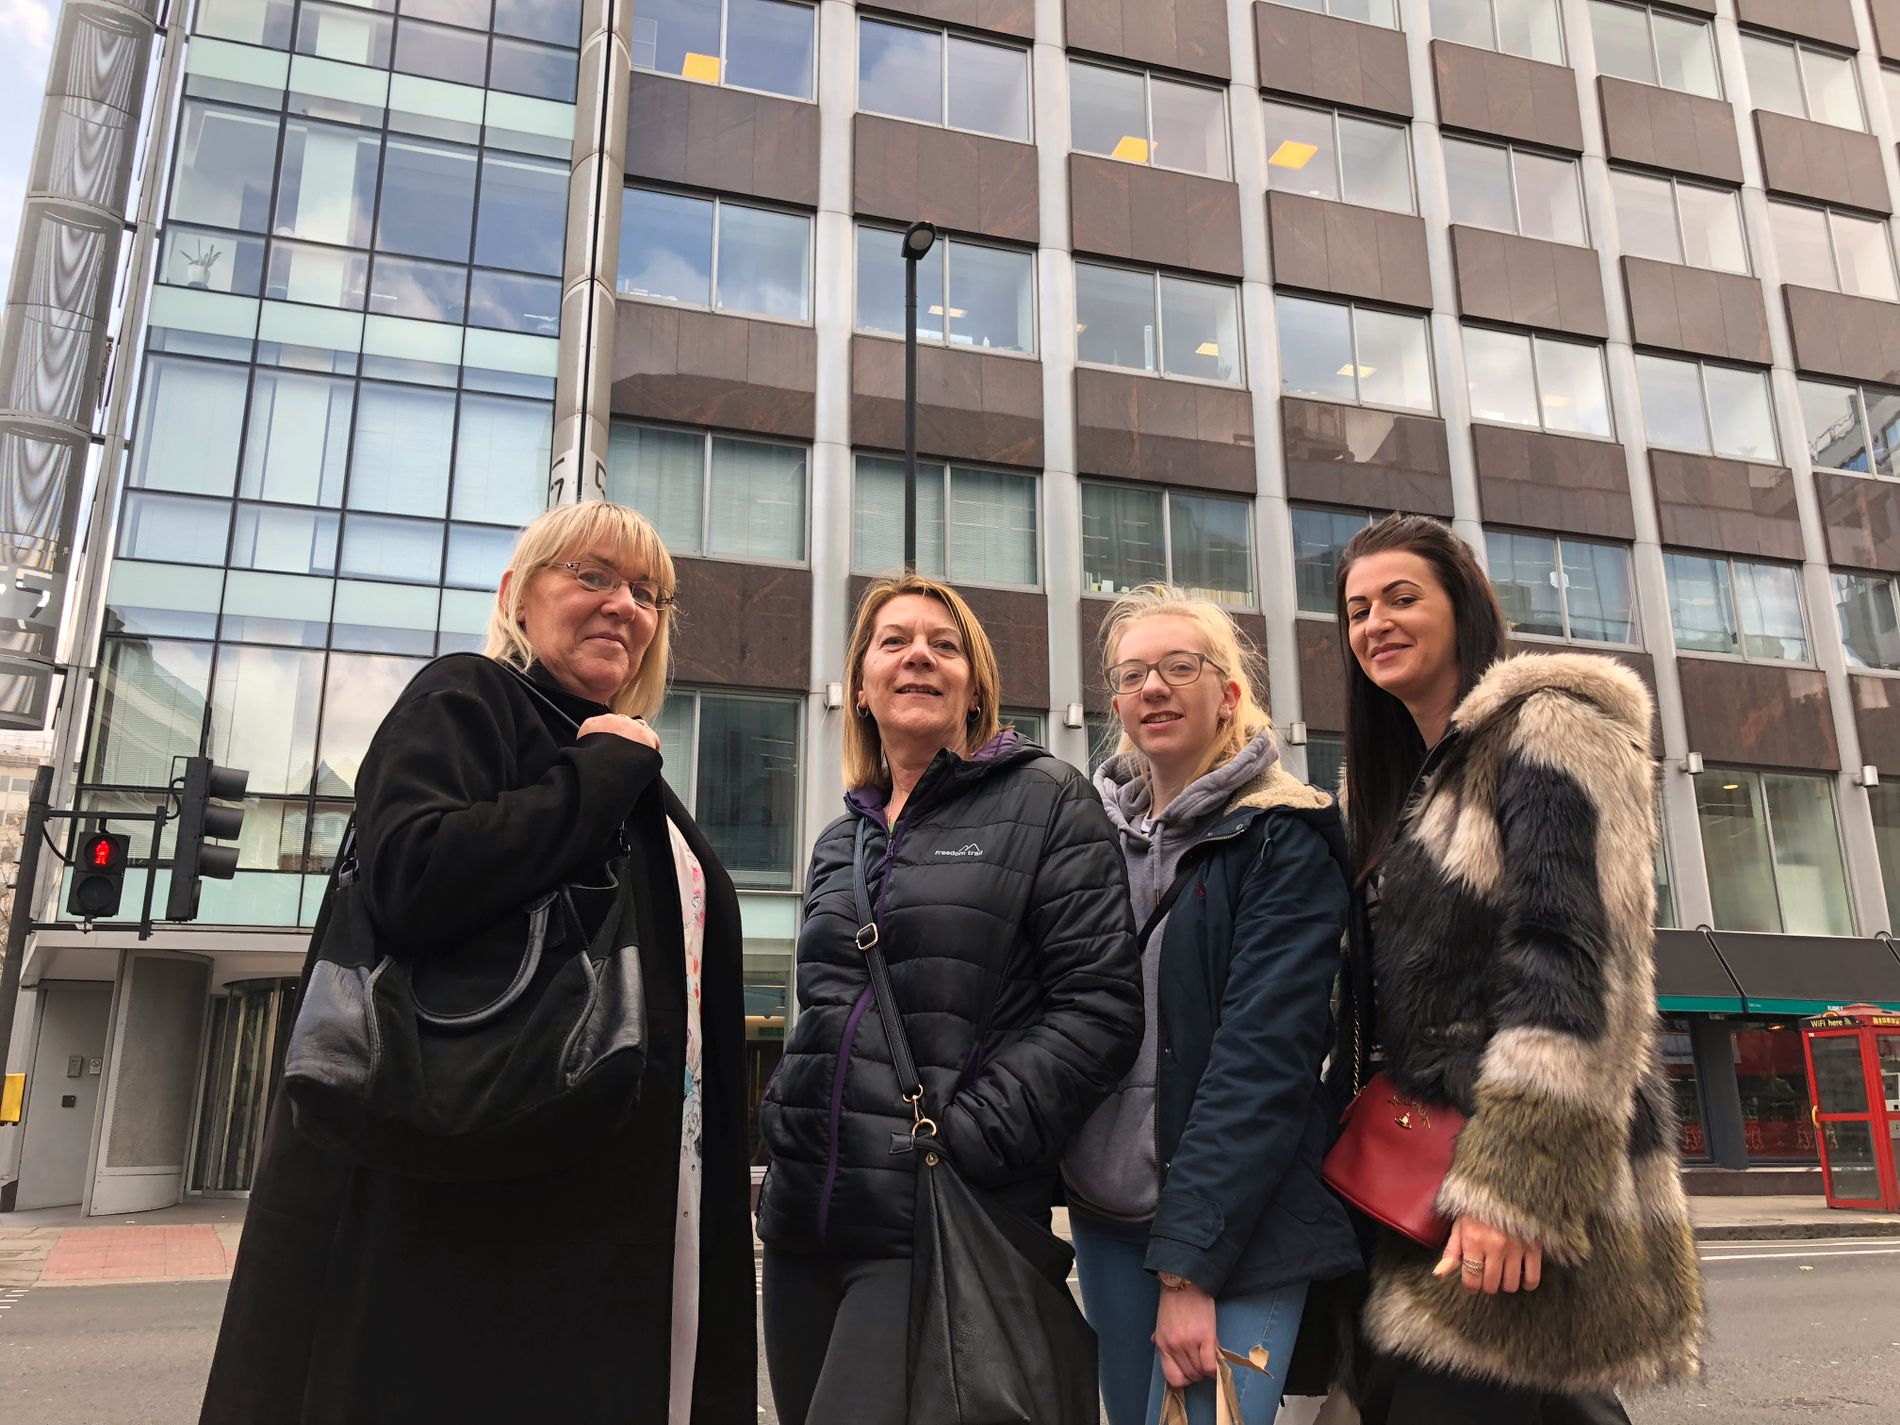 STOLER PÅ FACEBOOK: Britiske Jackie (56), Tracy (52), Megan (21) og Jade (26) er ikke bekymret over hva Facebook har av personopplysninger om dem. De ønsker likevel ikke etternavnet på trykk i avisen.